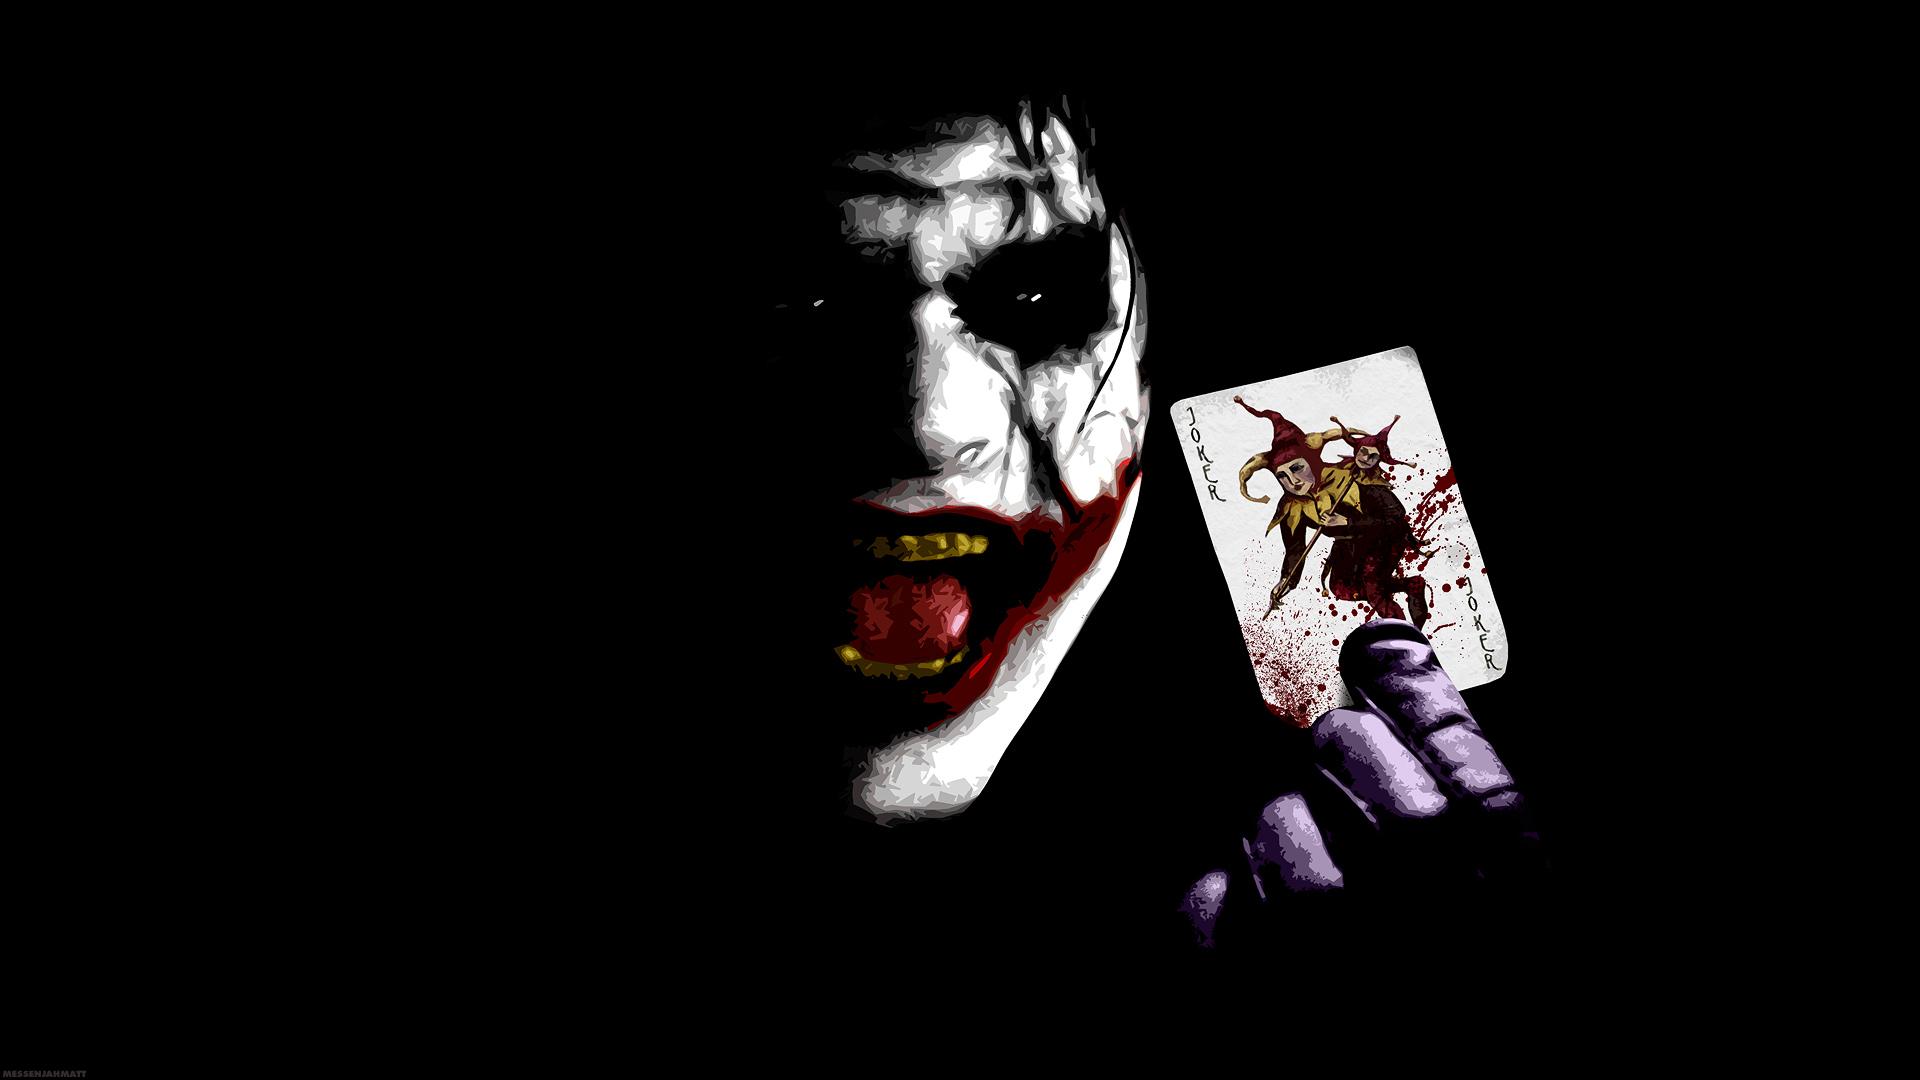 Hd wallpaper joker - Hd Wallpaper Joker 18